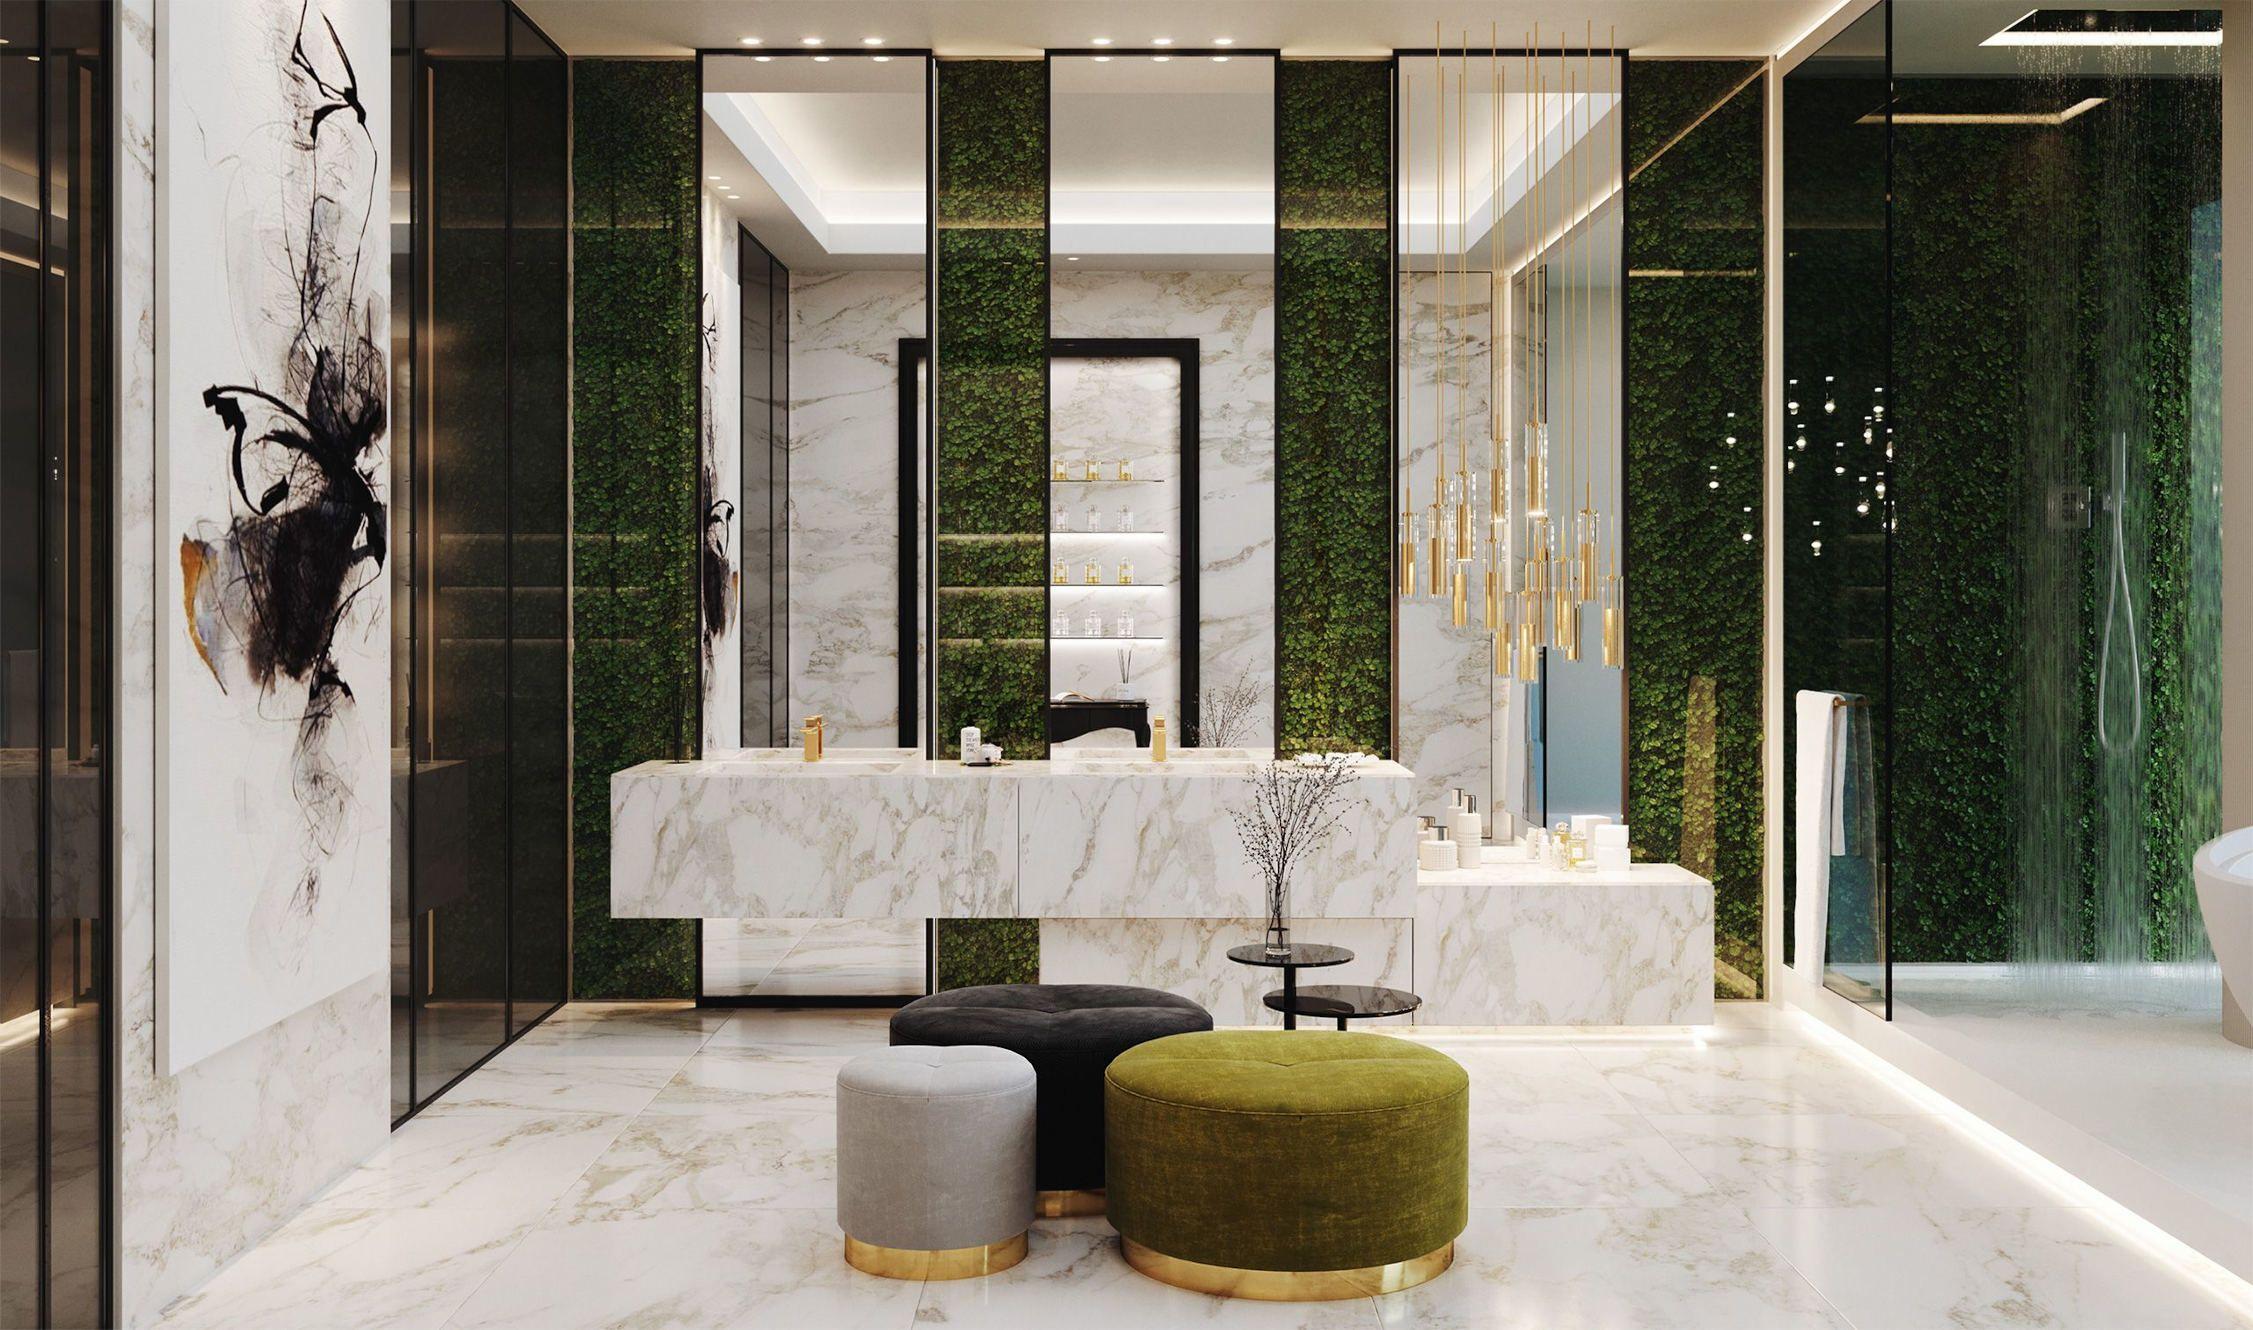 Top Interioristas: Proyectos lujuosos y elegantes en Madrid top interioristas Top Interioristas: Proyectos lujuosos y elegantes en Madrid Debut Design top diseÑadores de interiores en madrid TOP DISEÑADORES DE INTERIORES EN MADRID Debut Design